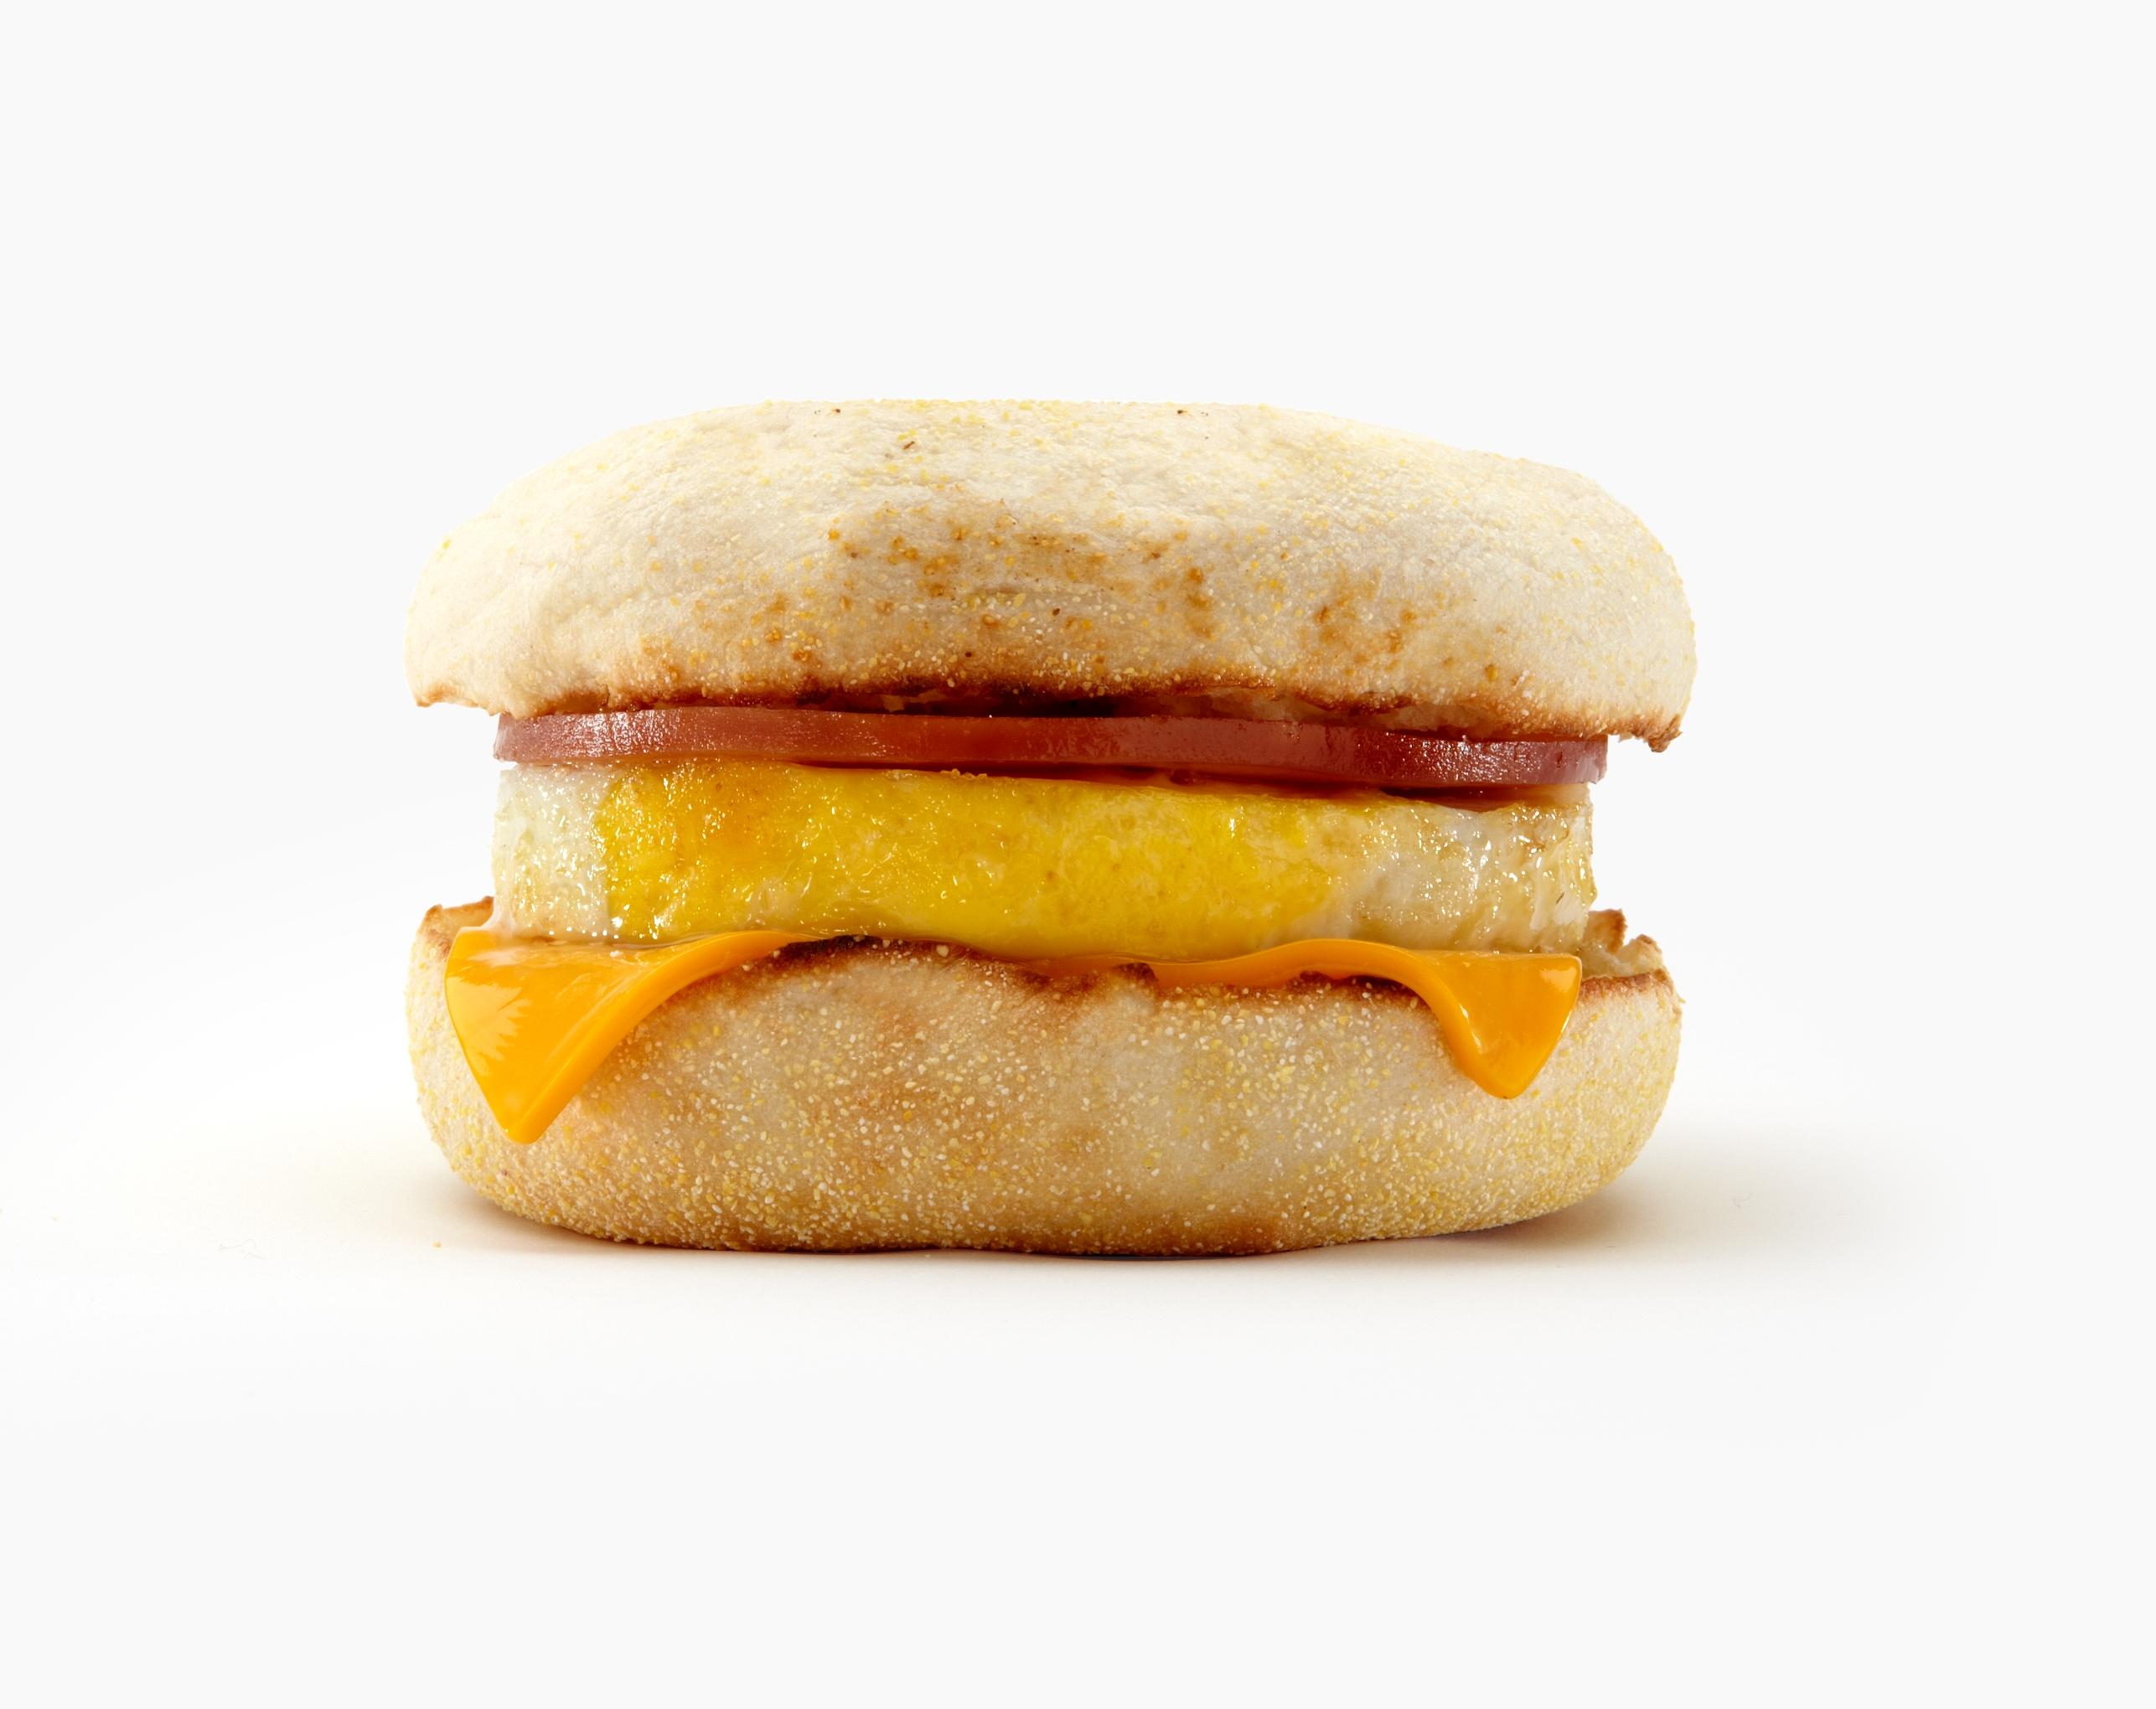 An Egg McMuffin